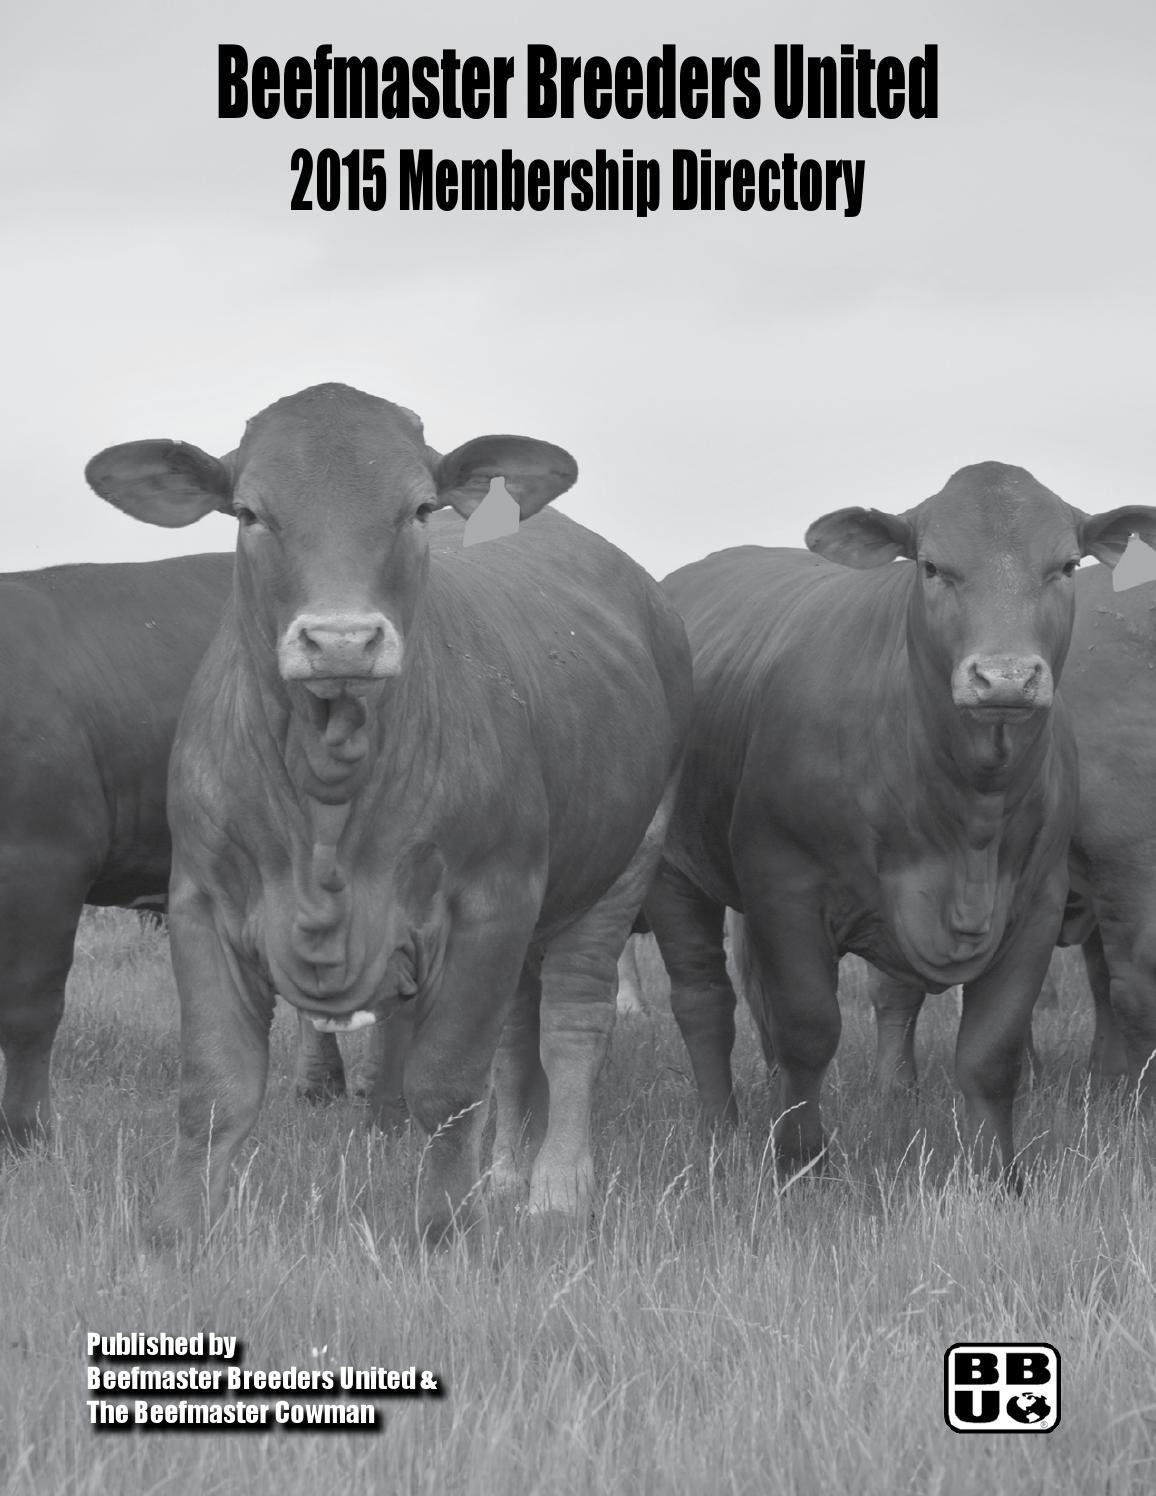 2015 Membership Directory By Beefmaster Breeders United Issuu En Ji Palomino Sherly Handbag Black